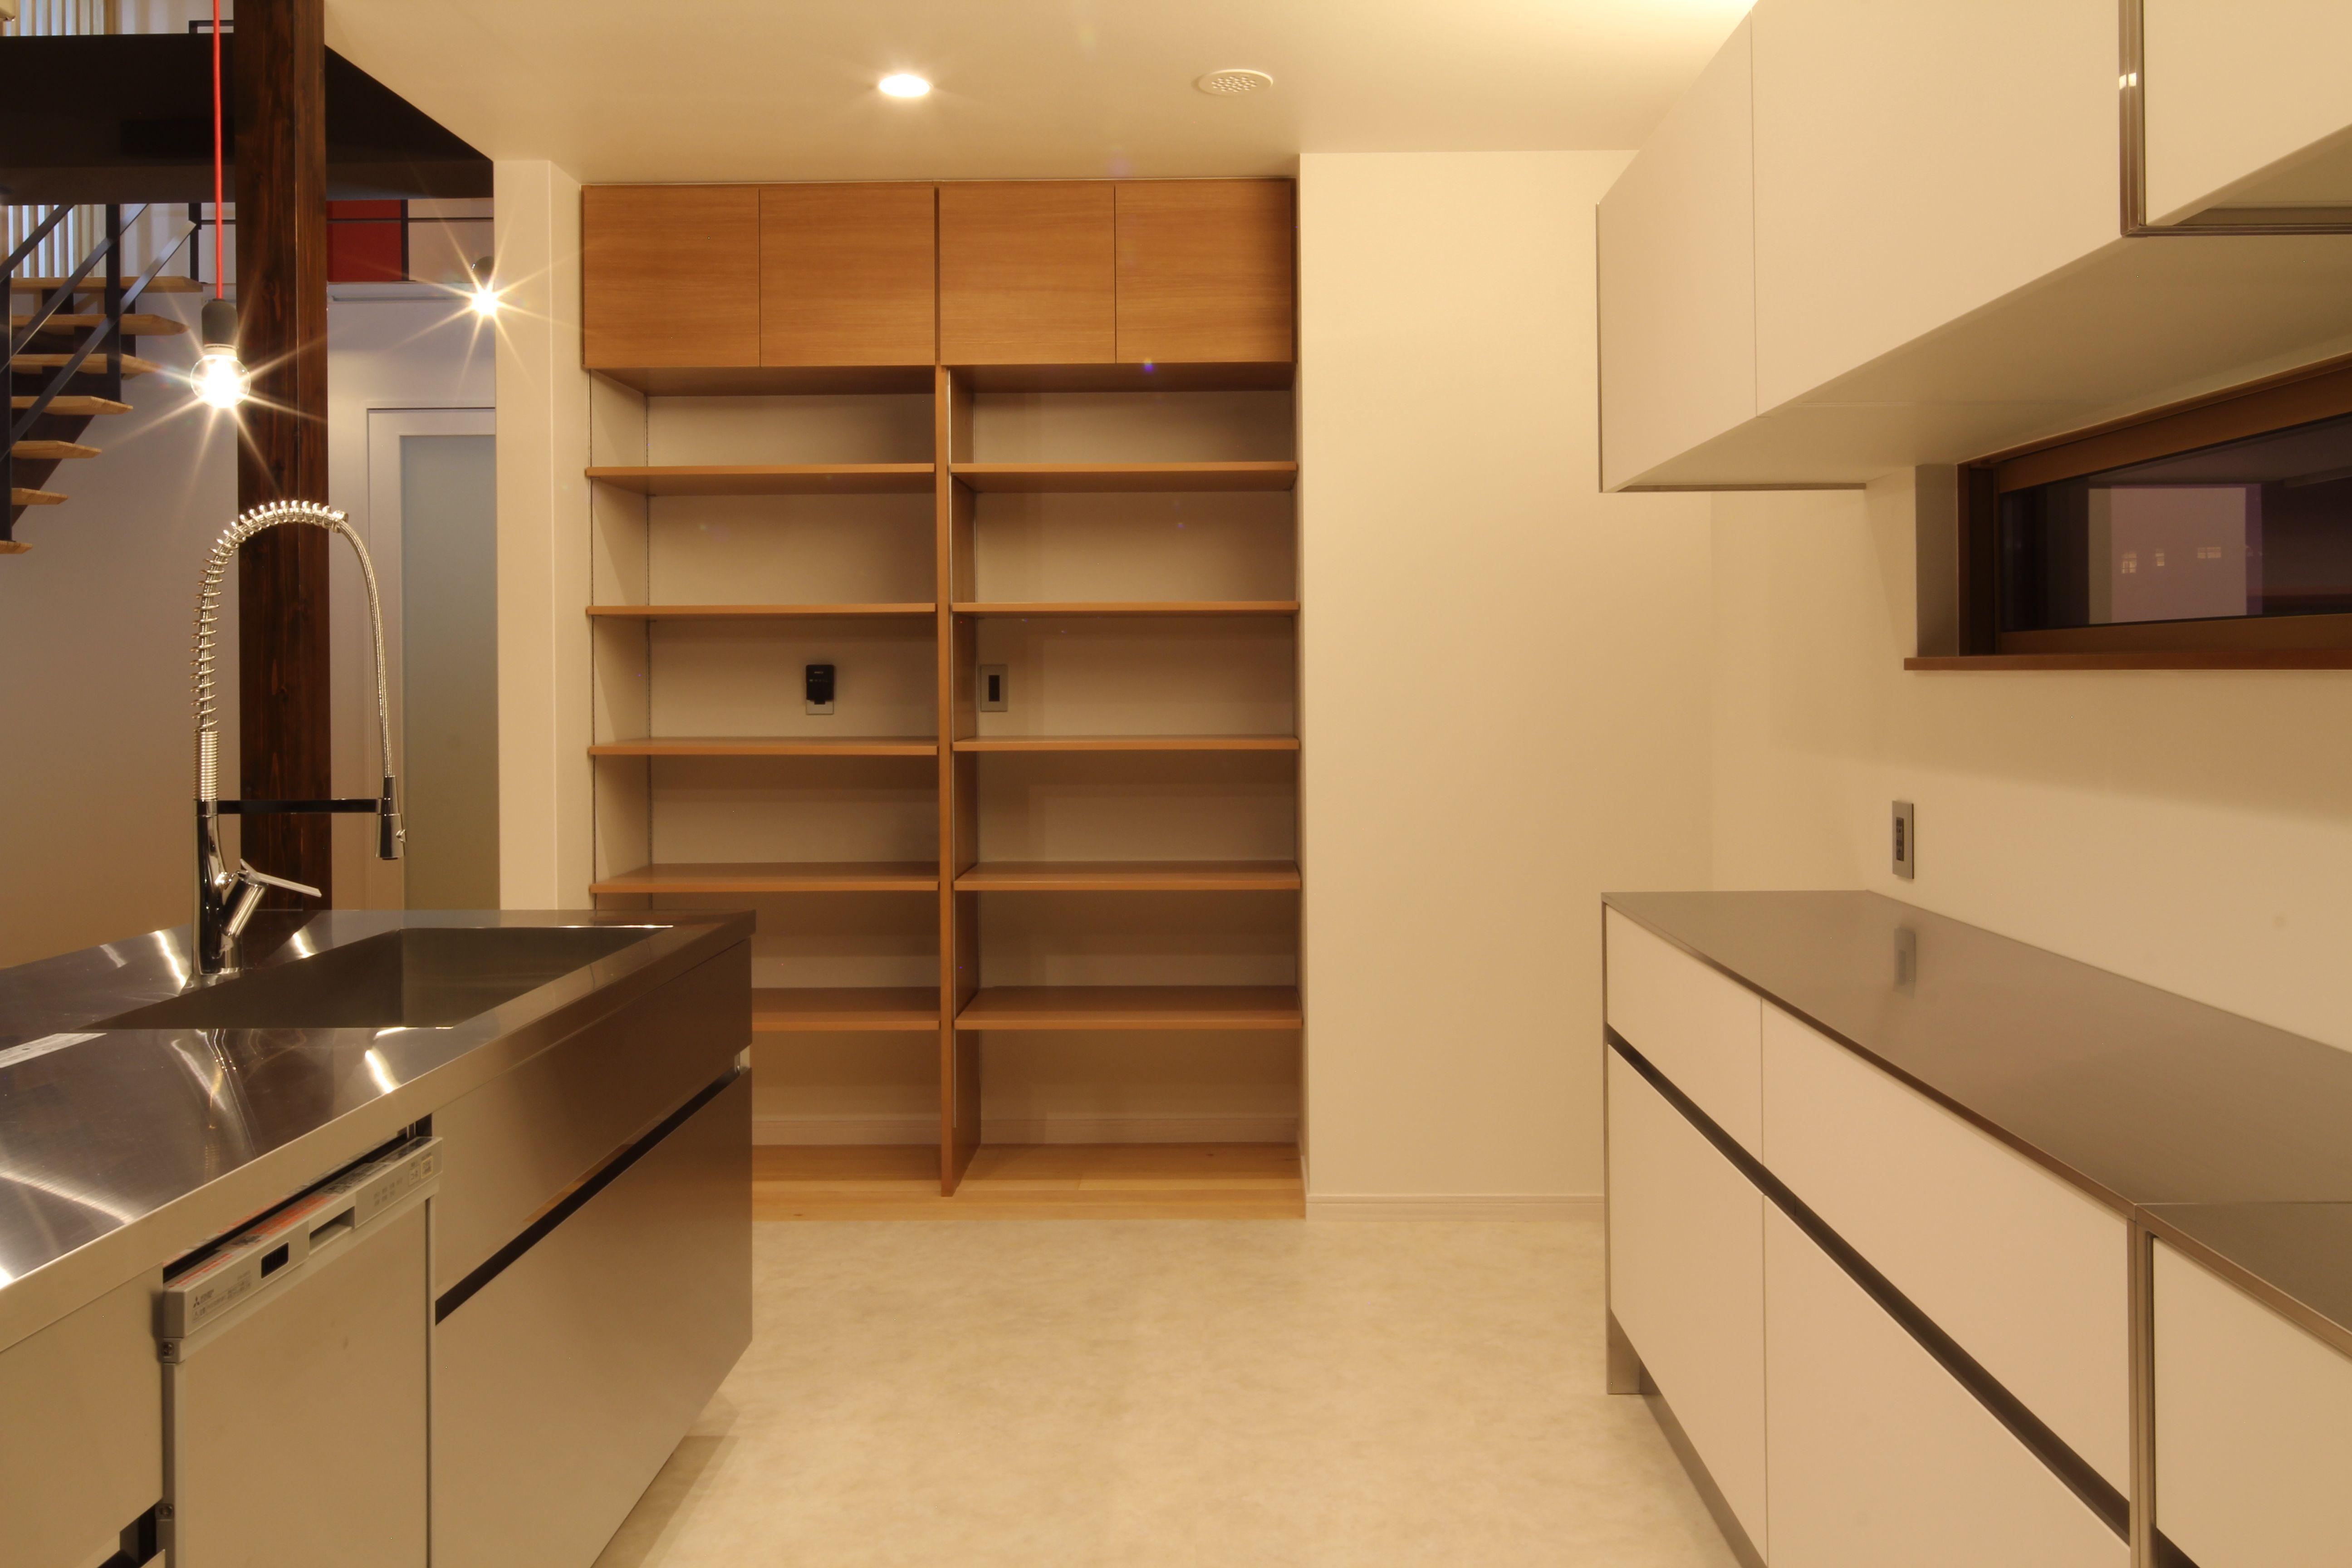 キッチン横のパントリー 可動棚と上部は扉付きの固定棚 扉付きの